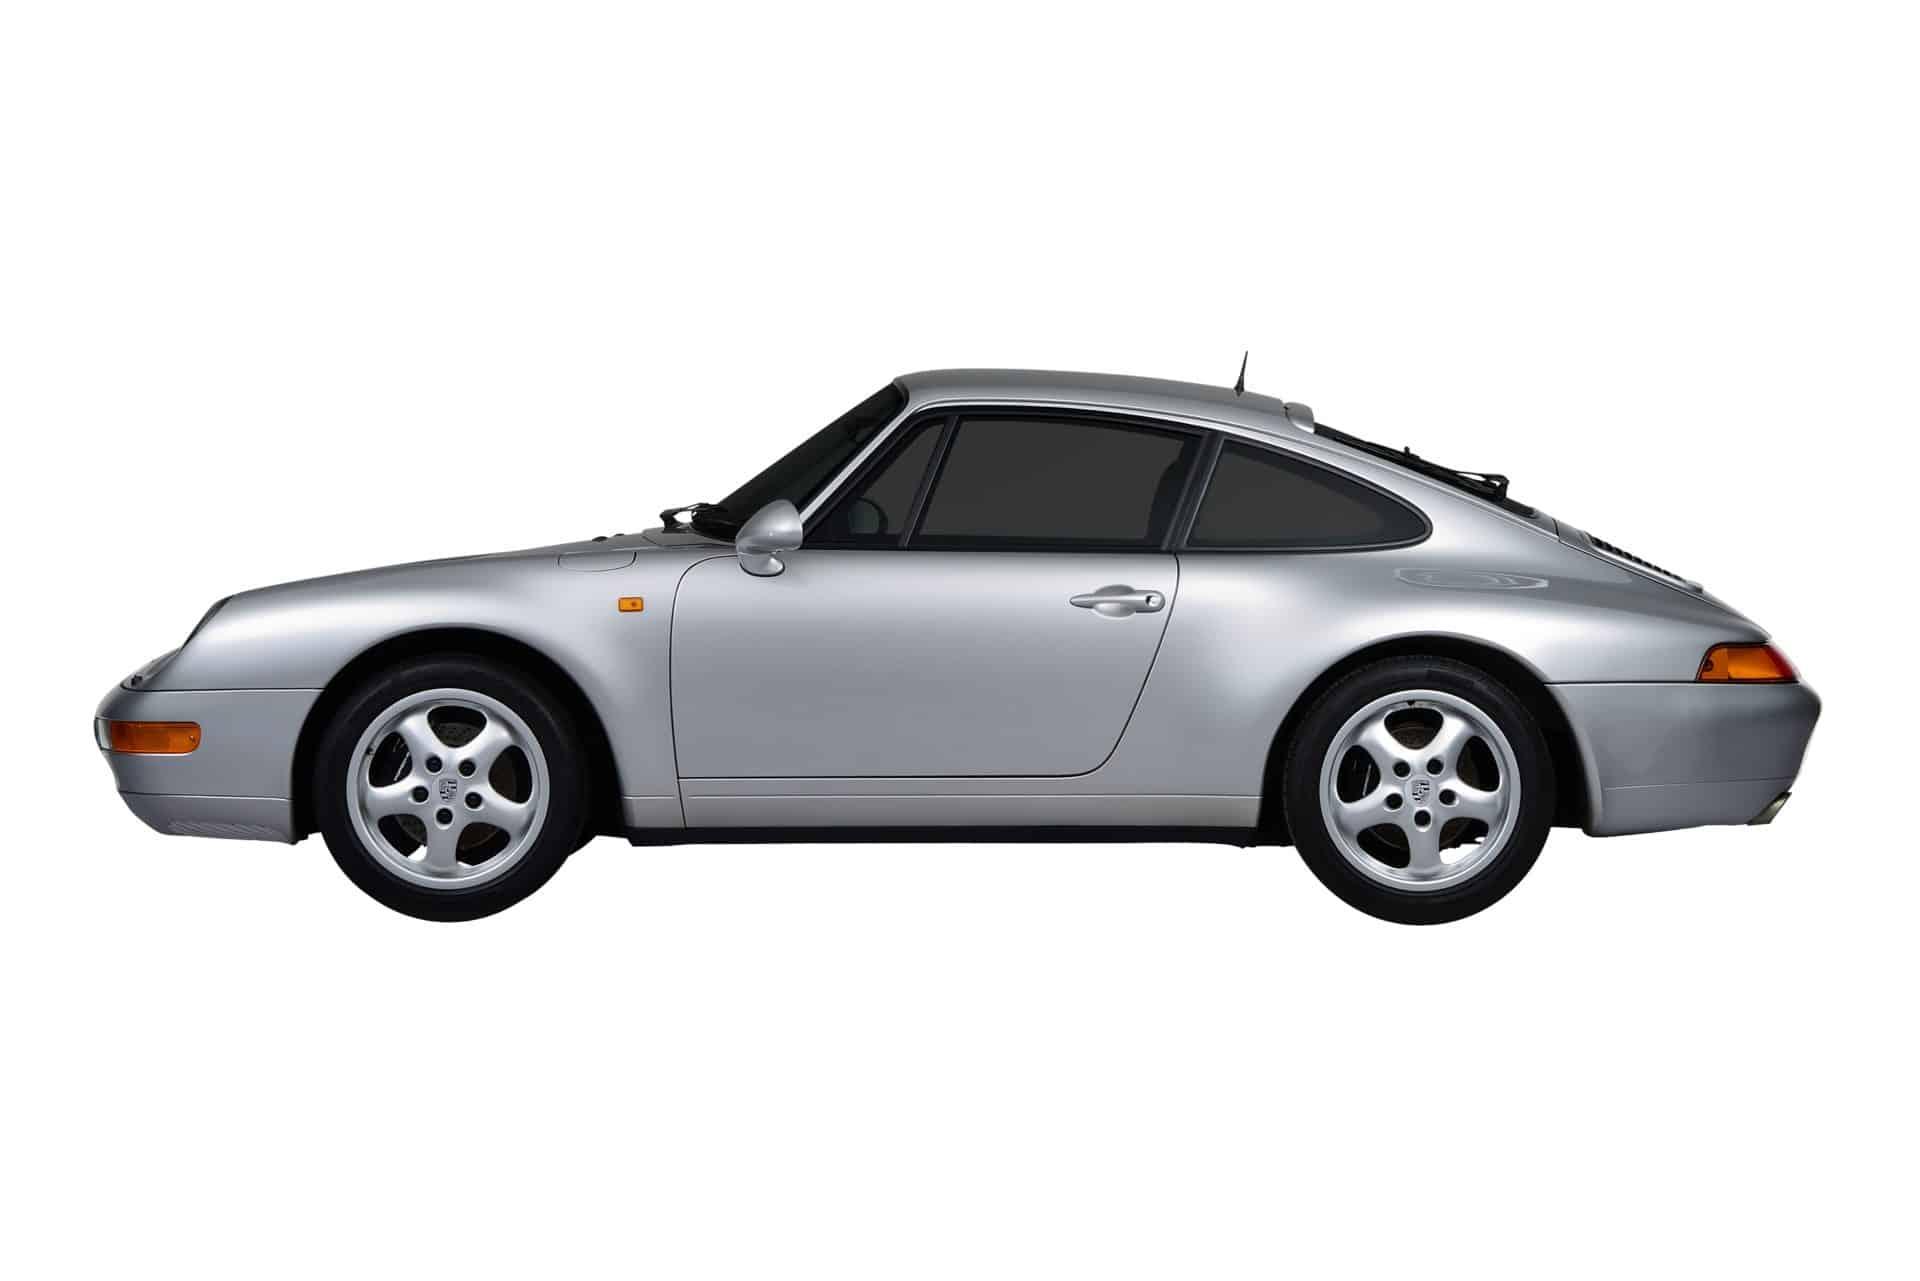 Porsche 911 letzter luftgekühltes Modell 1993